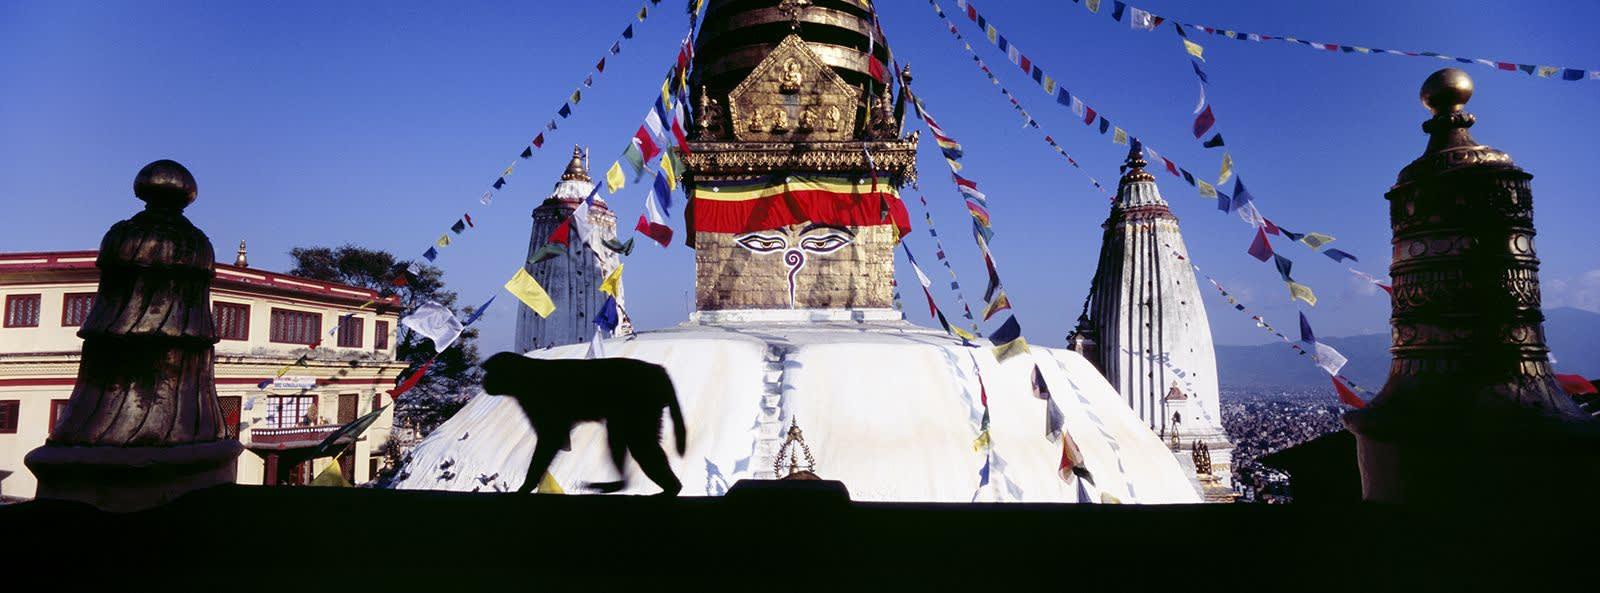 Matjaž Krivic, swayambunath kathmandu, nepal